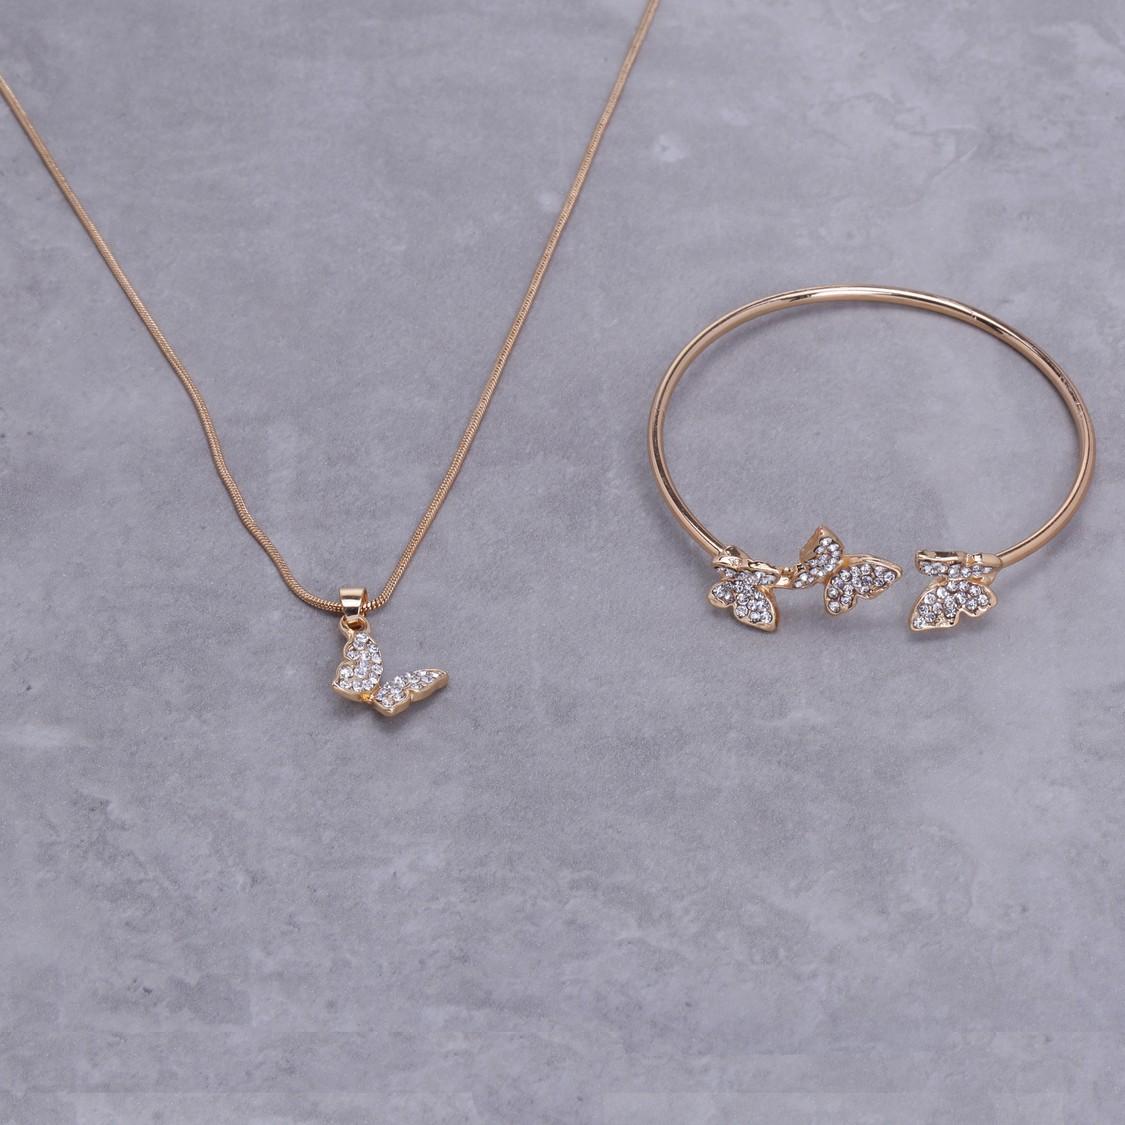 Embellished Necklace and Bracelet Set